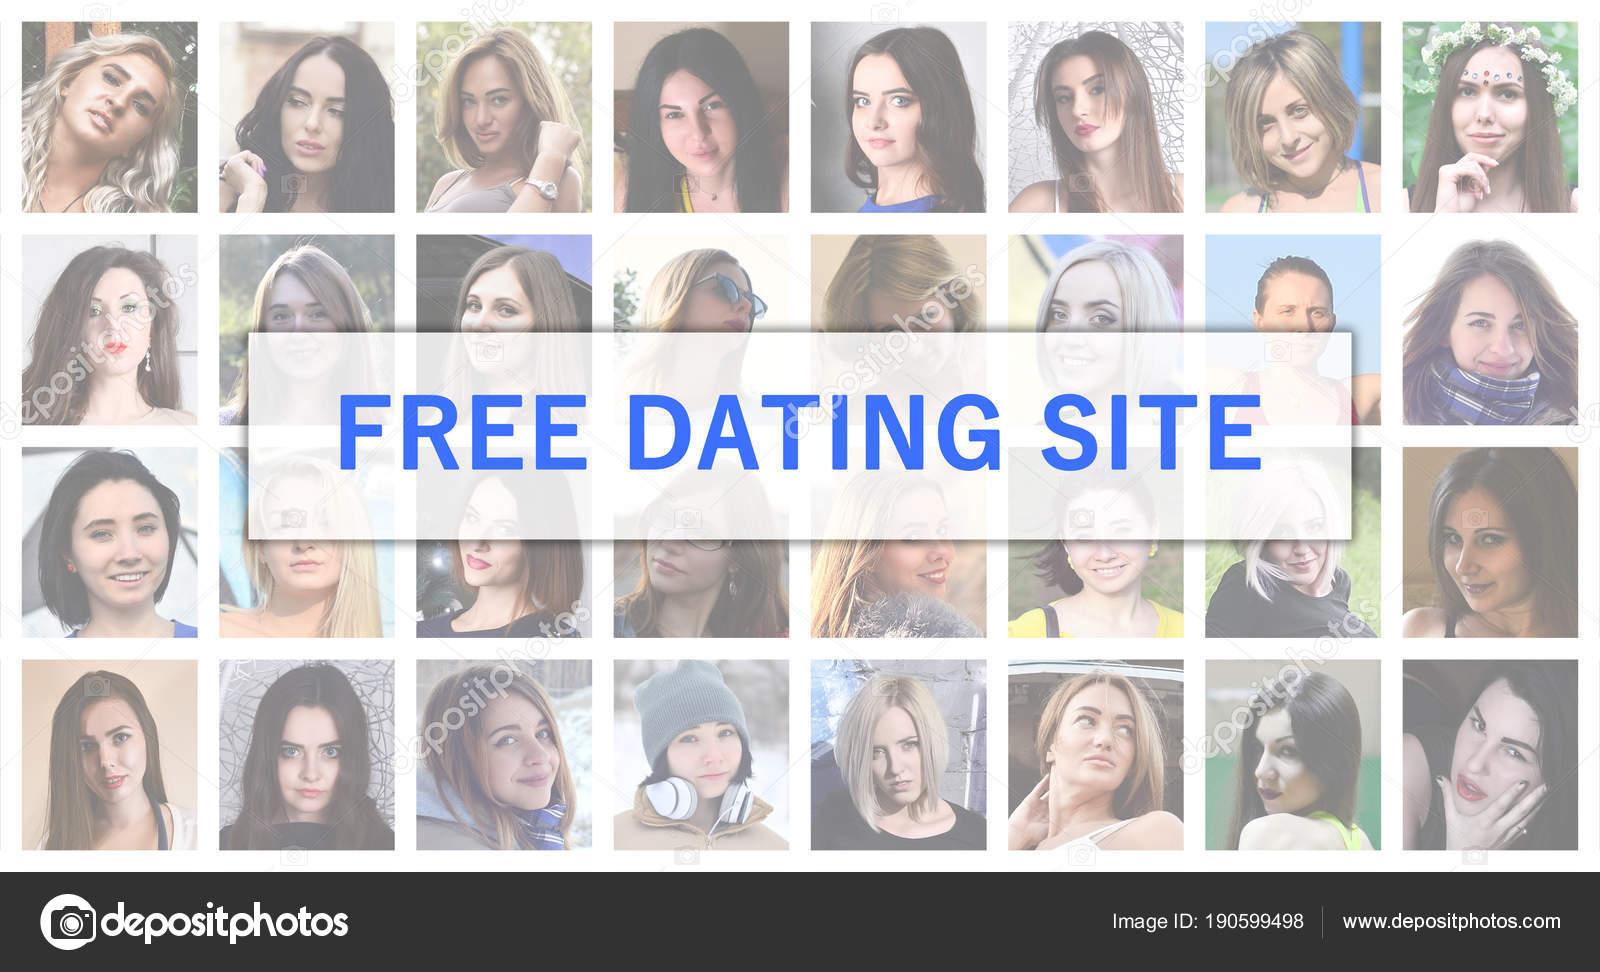 Αναζητούν γνωριμίες site στην Ελλάδα